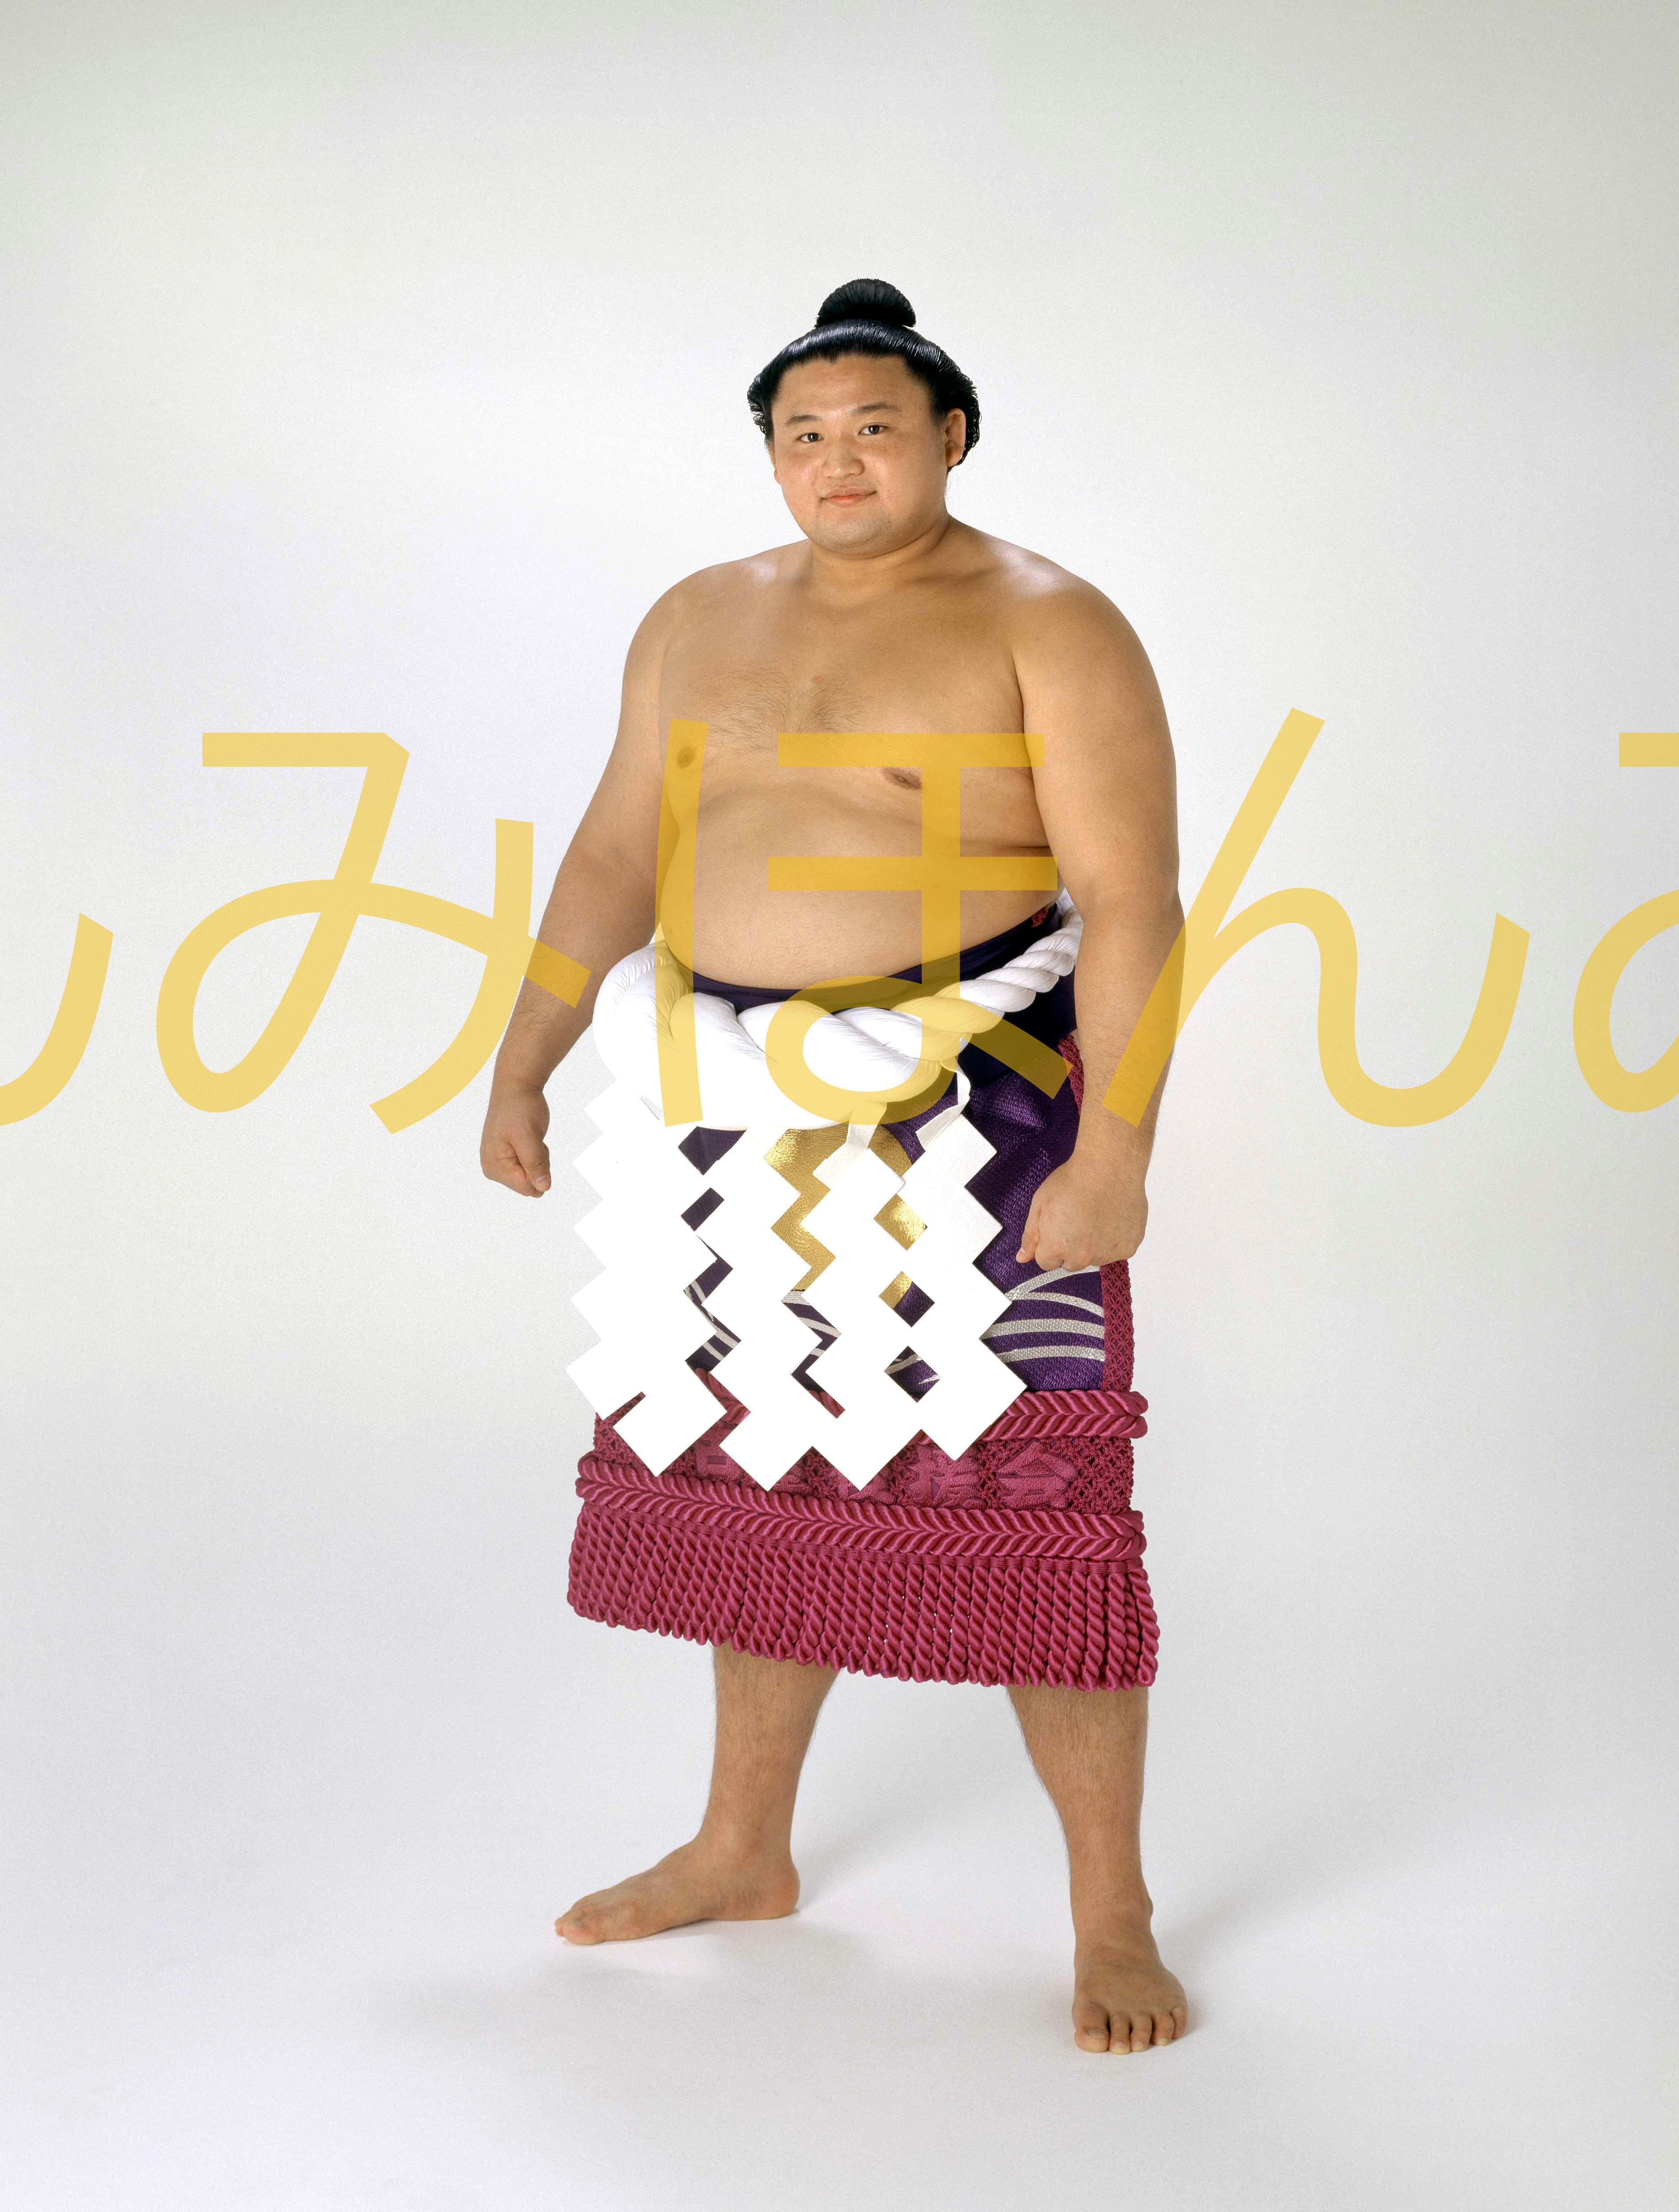 平成7年7月場所優勝 横綱 貴乃花光司関(10回目の優勝)